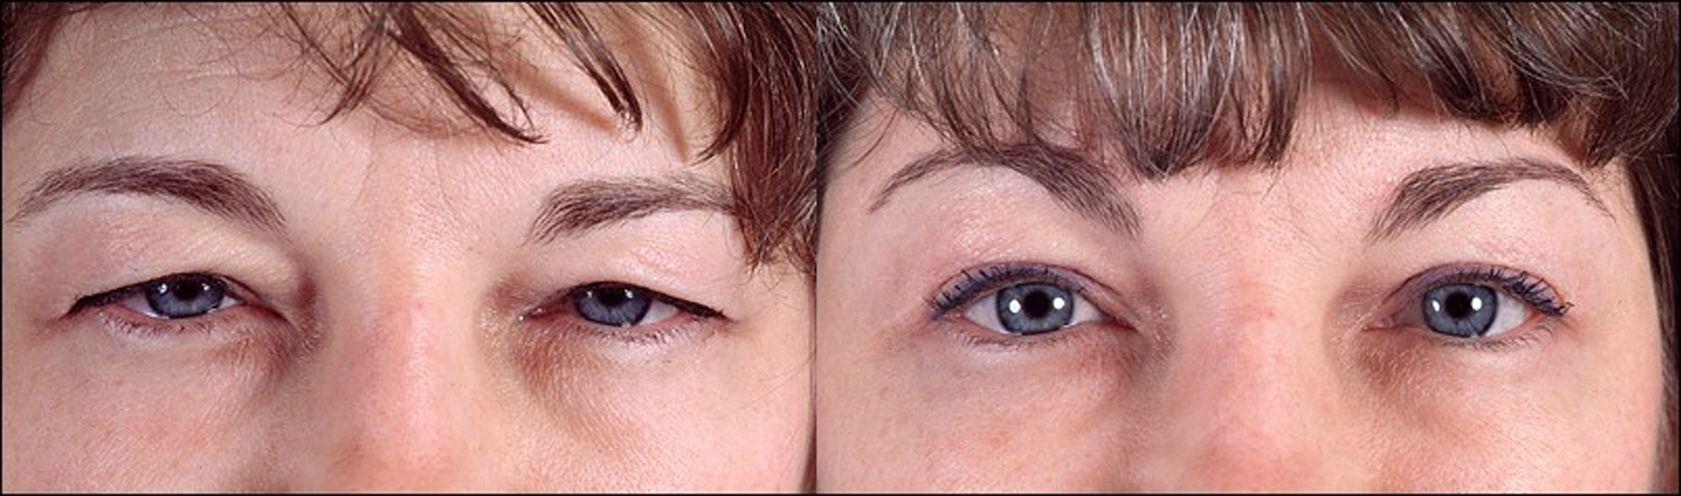 Blefaroplastia - parpados - exceso de piel en los parpados 2